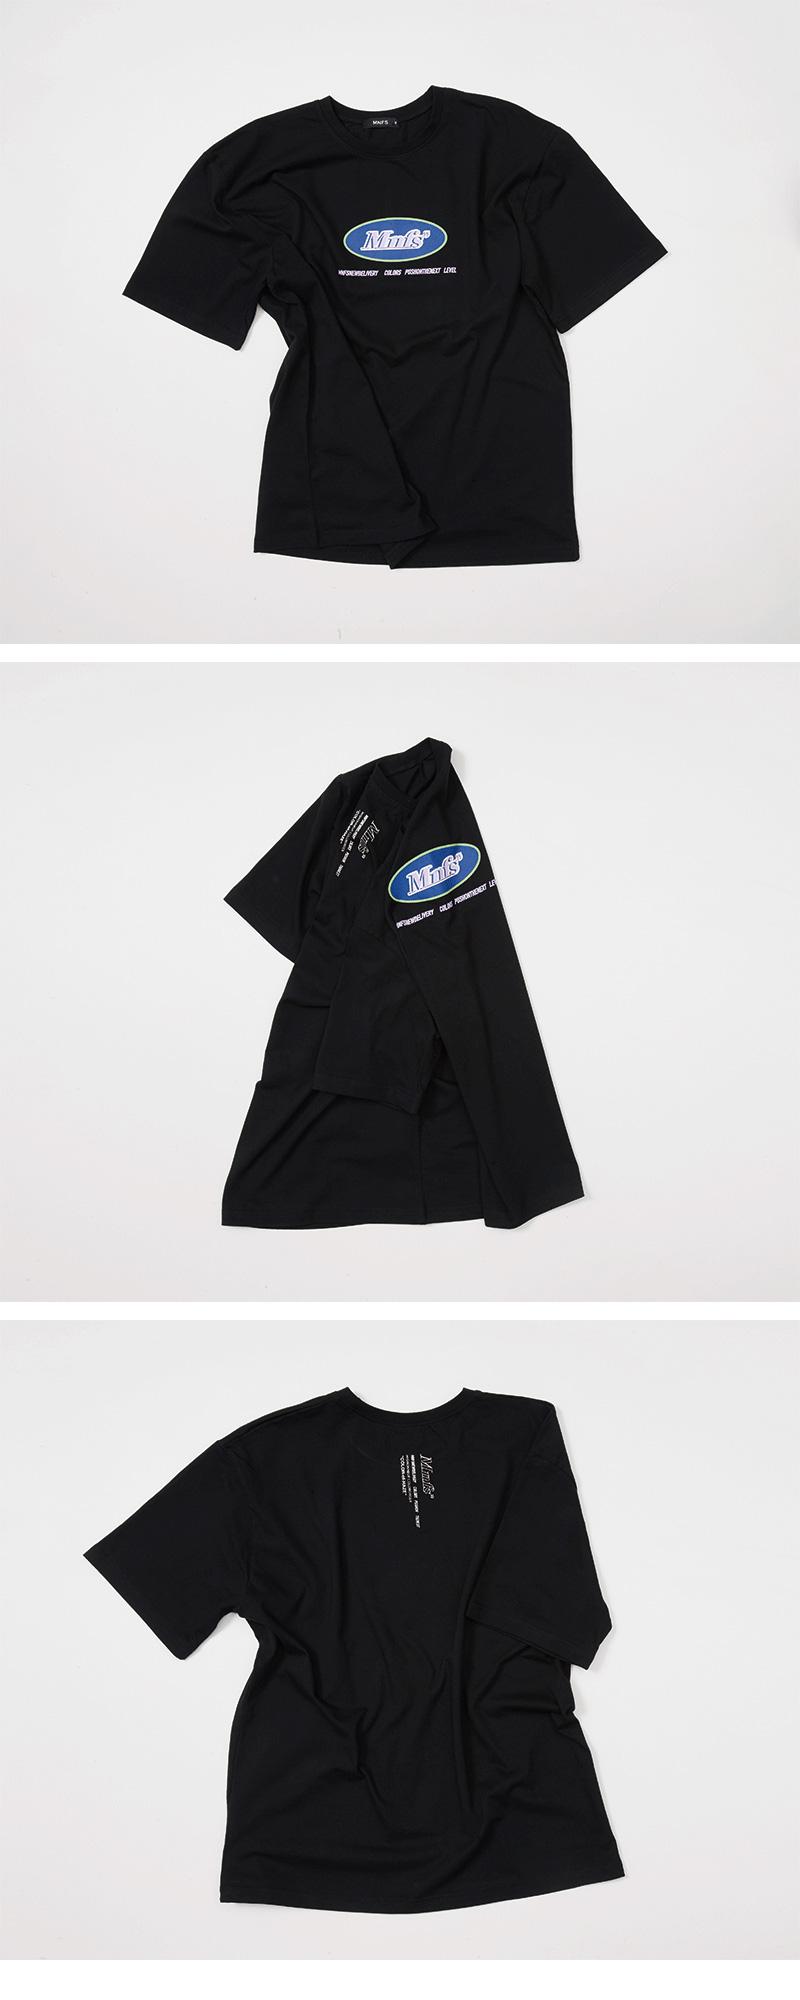 미뇽네프(MIGNONNEUF) 써클로고 오버핏 반팔 티셔츠 블랙